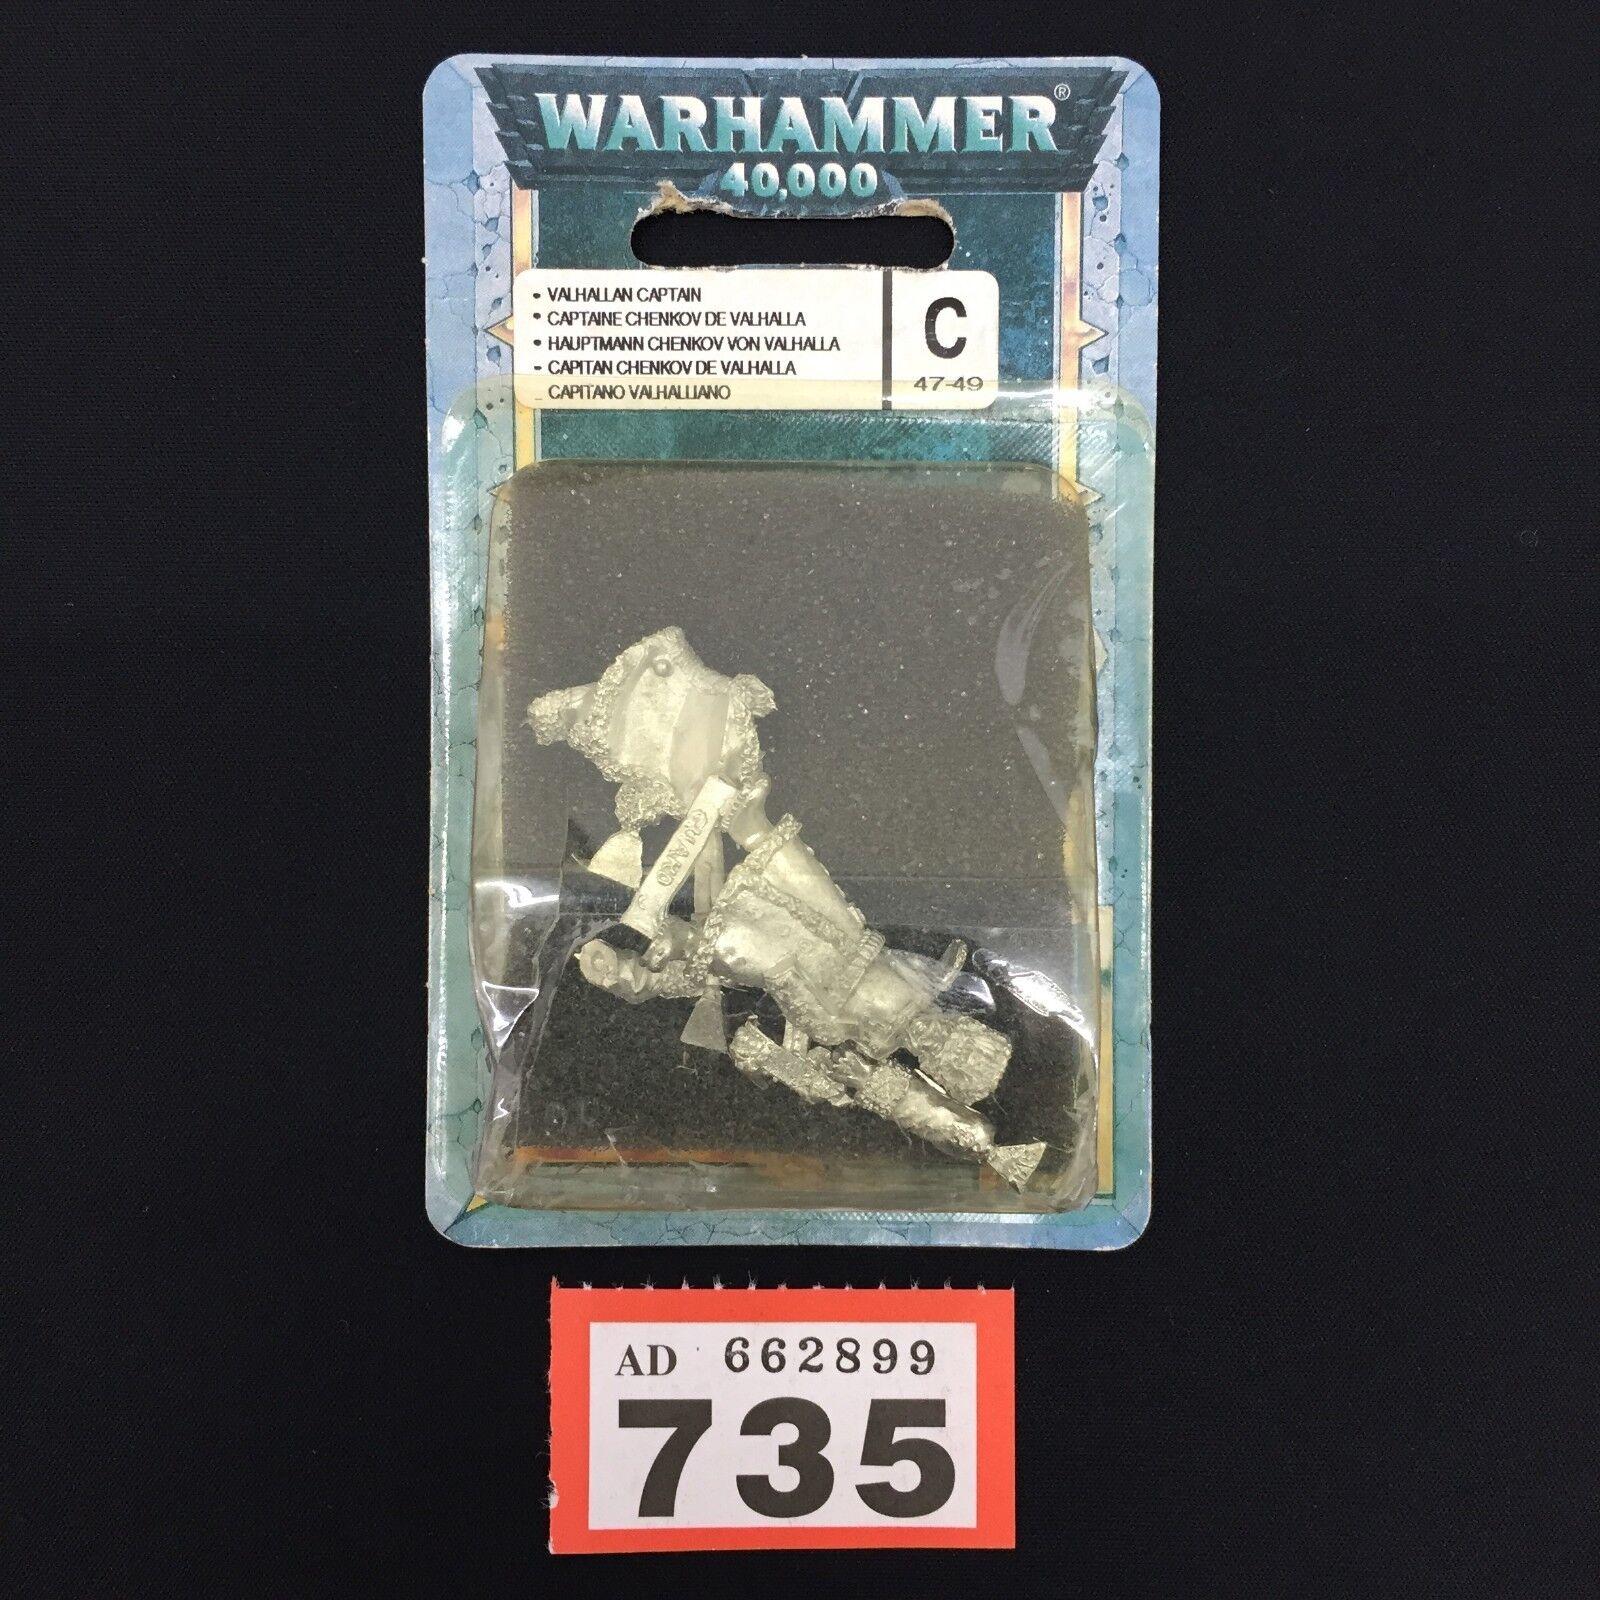 Warhammer 40.000 valhallan captain chenkov. du hast es geschafft - imperialen garde walhalla - blisterpackung